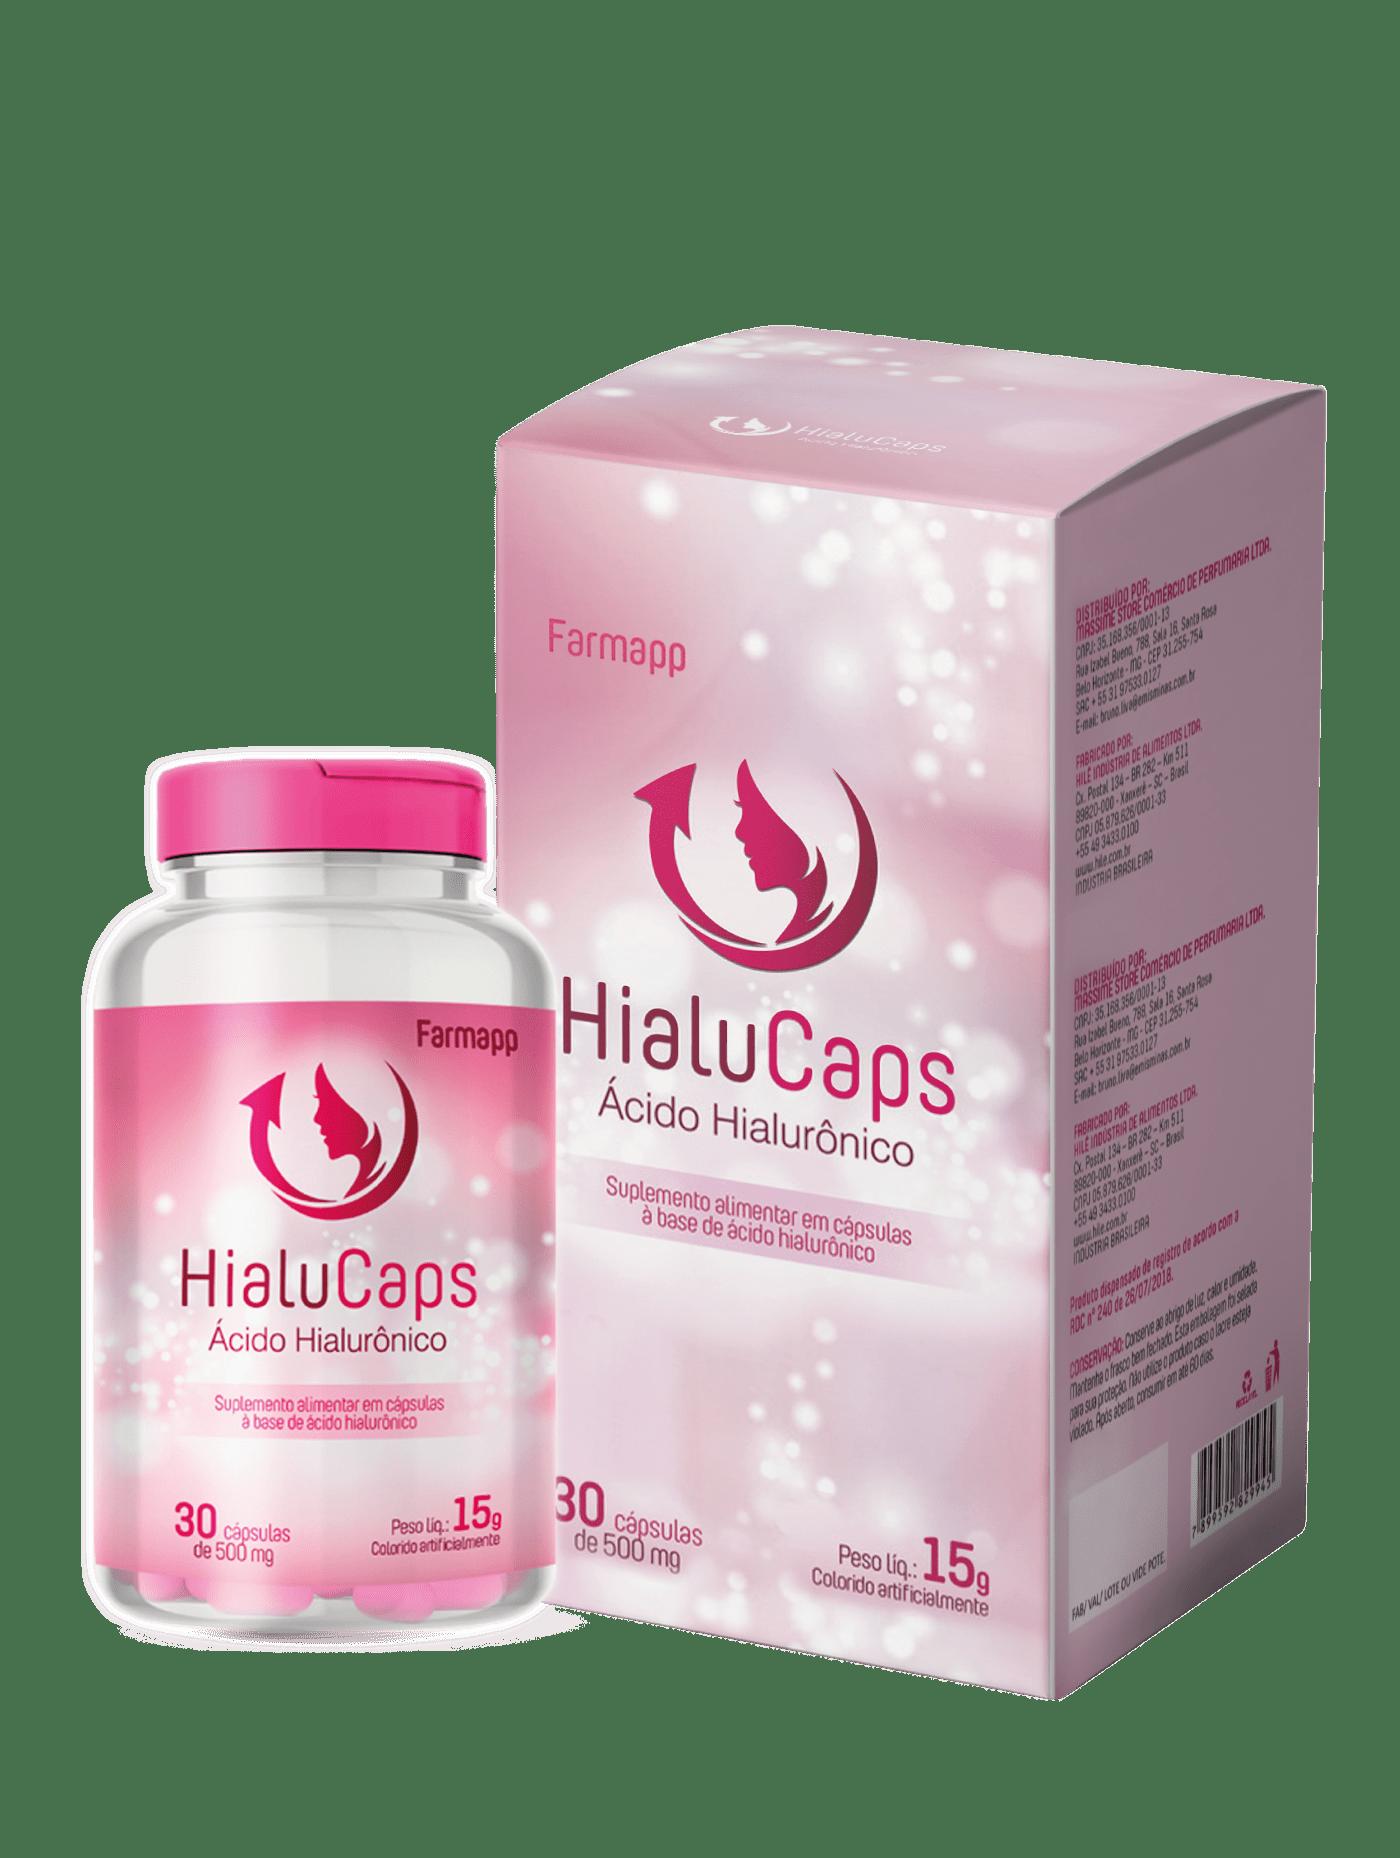 Hialucaps